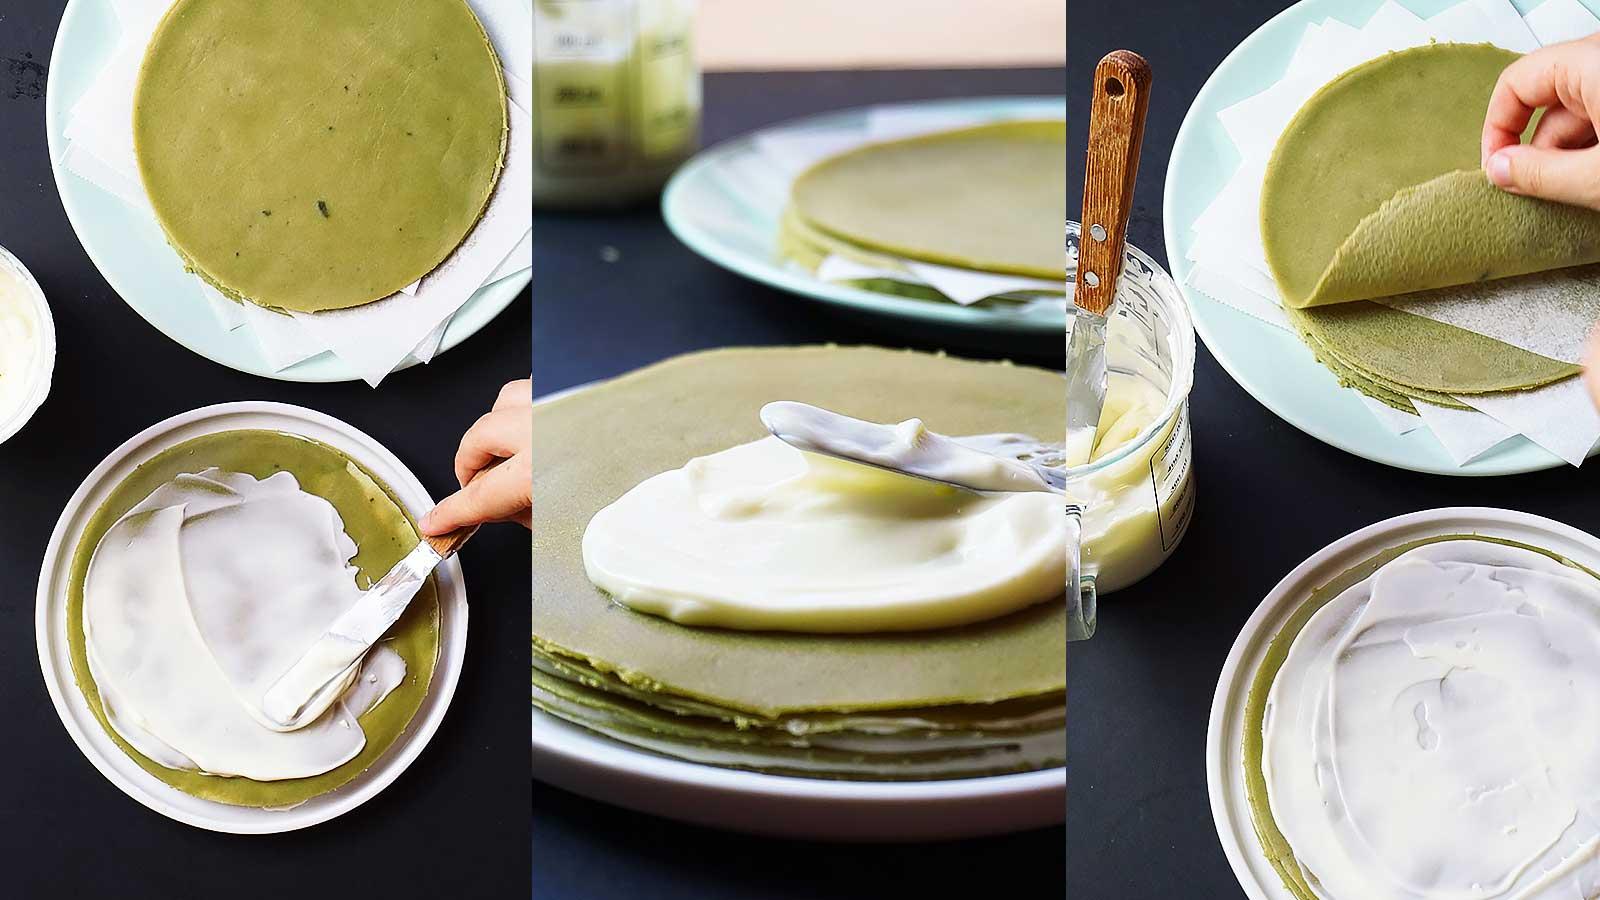 Paso a paso del montaje de la tarta de crepes de té matcha